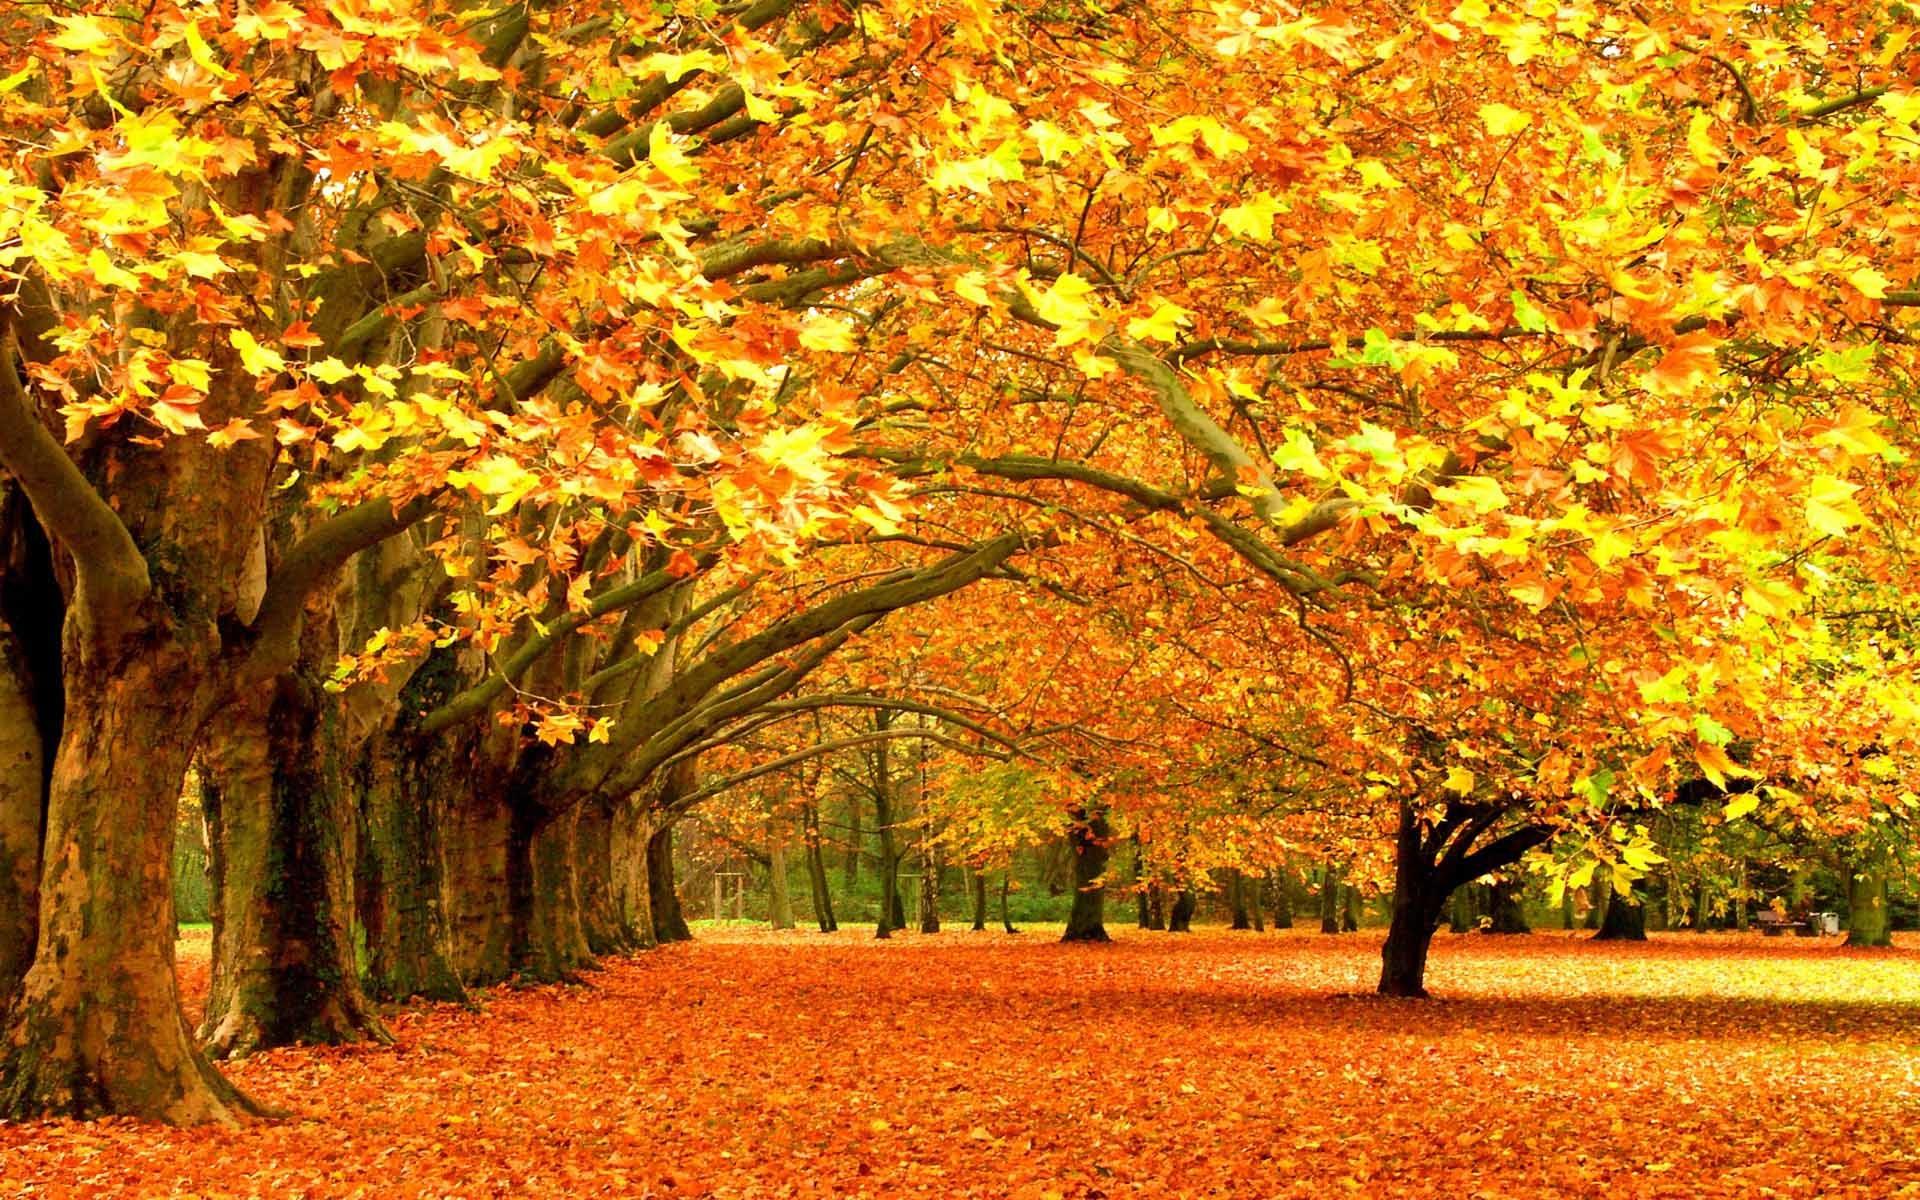 Autumn Fall Wallpaper #6945170